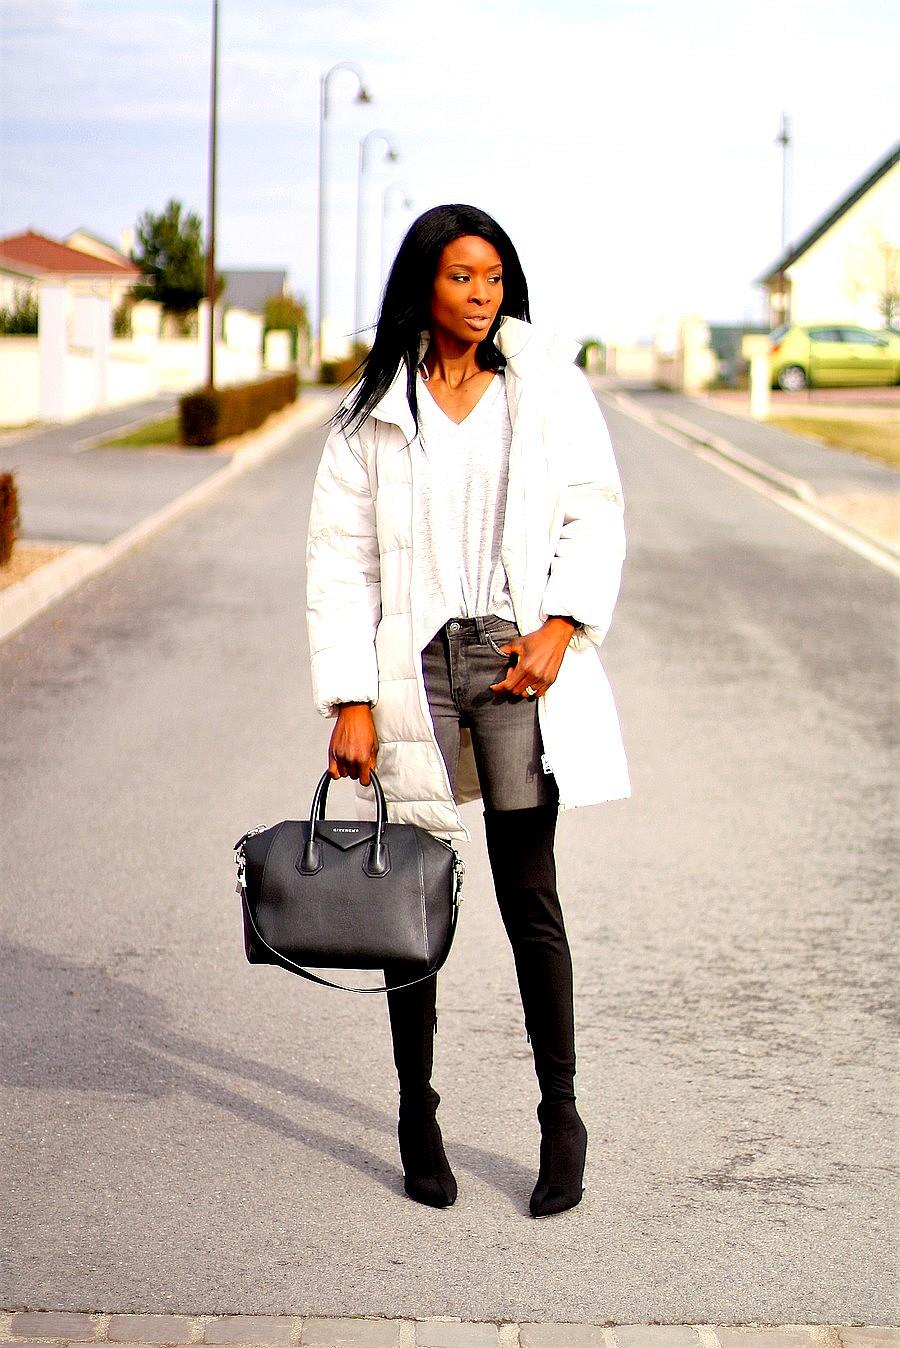 doudoune-blanche-hm-cuissardes-public-desire-talon-perspex-givenchy-antigona-blog-mode